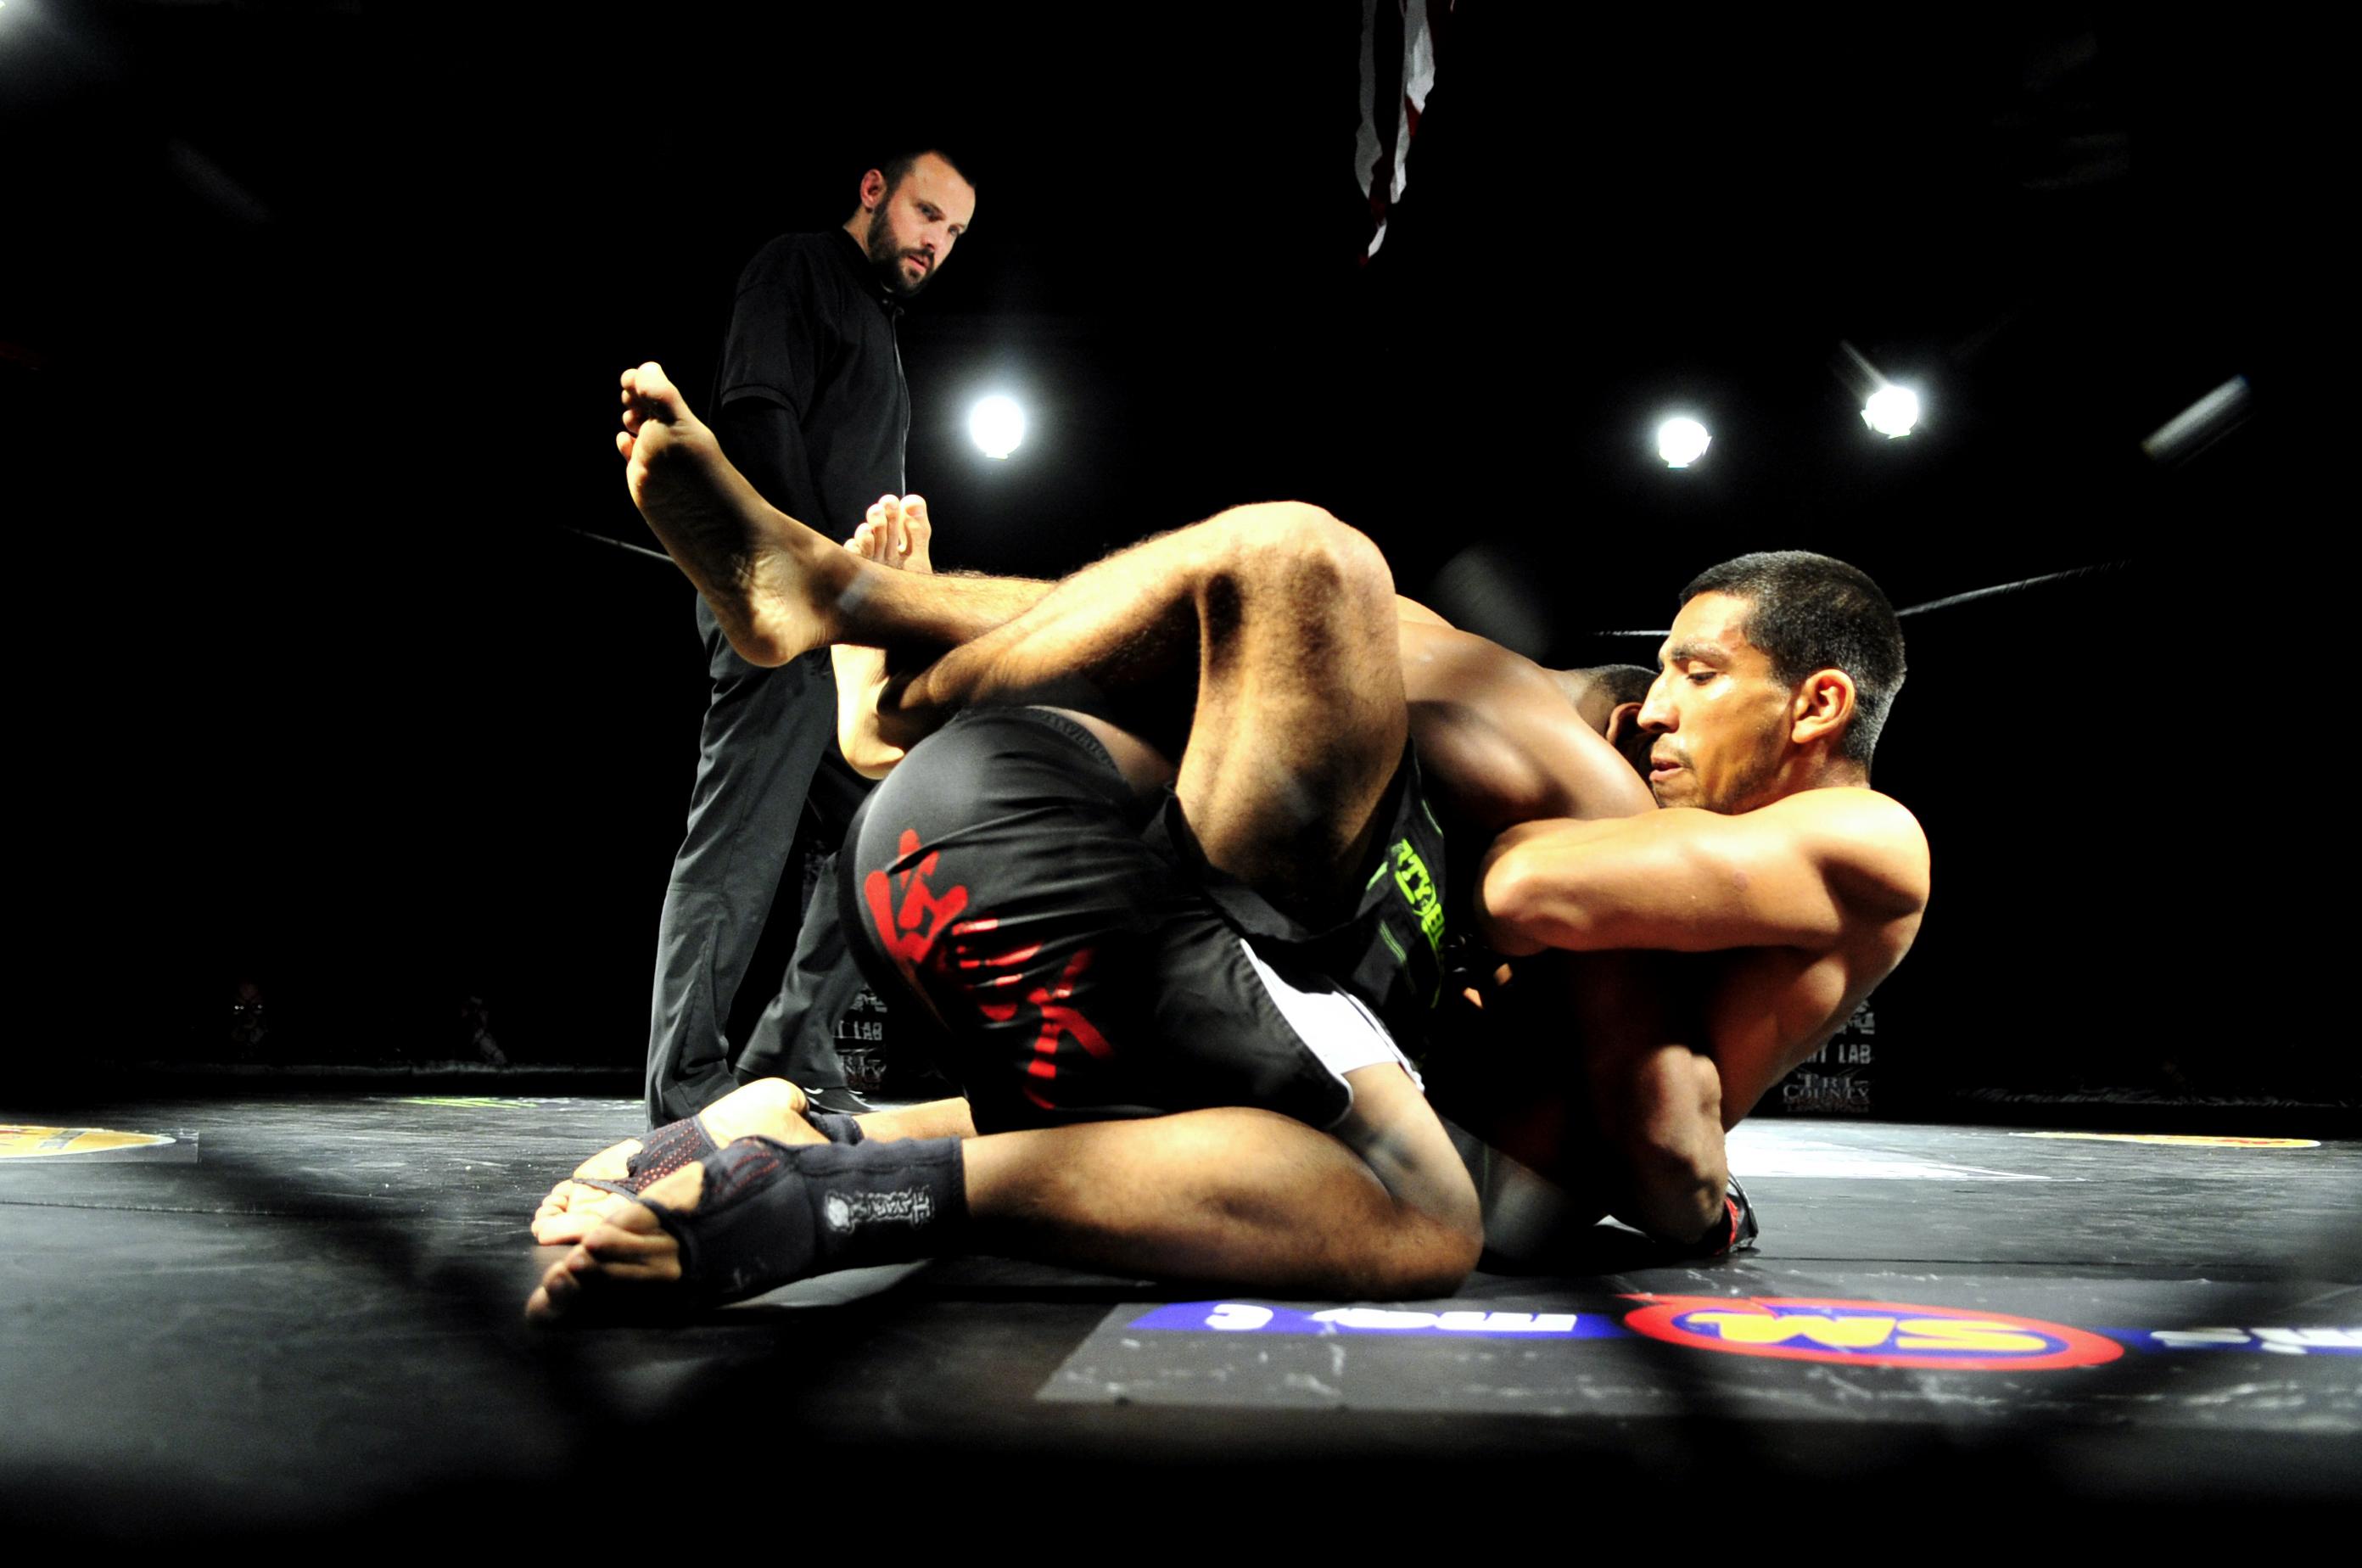 Αποτέλεσμα εικόνας για mixed martial arts